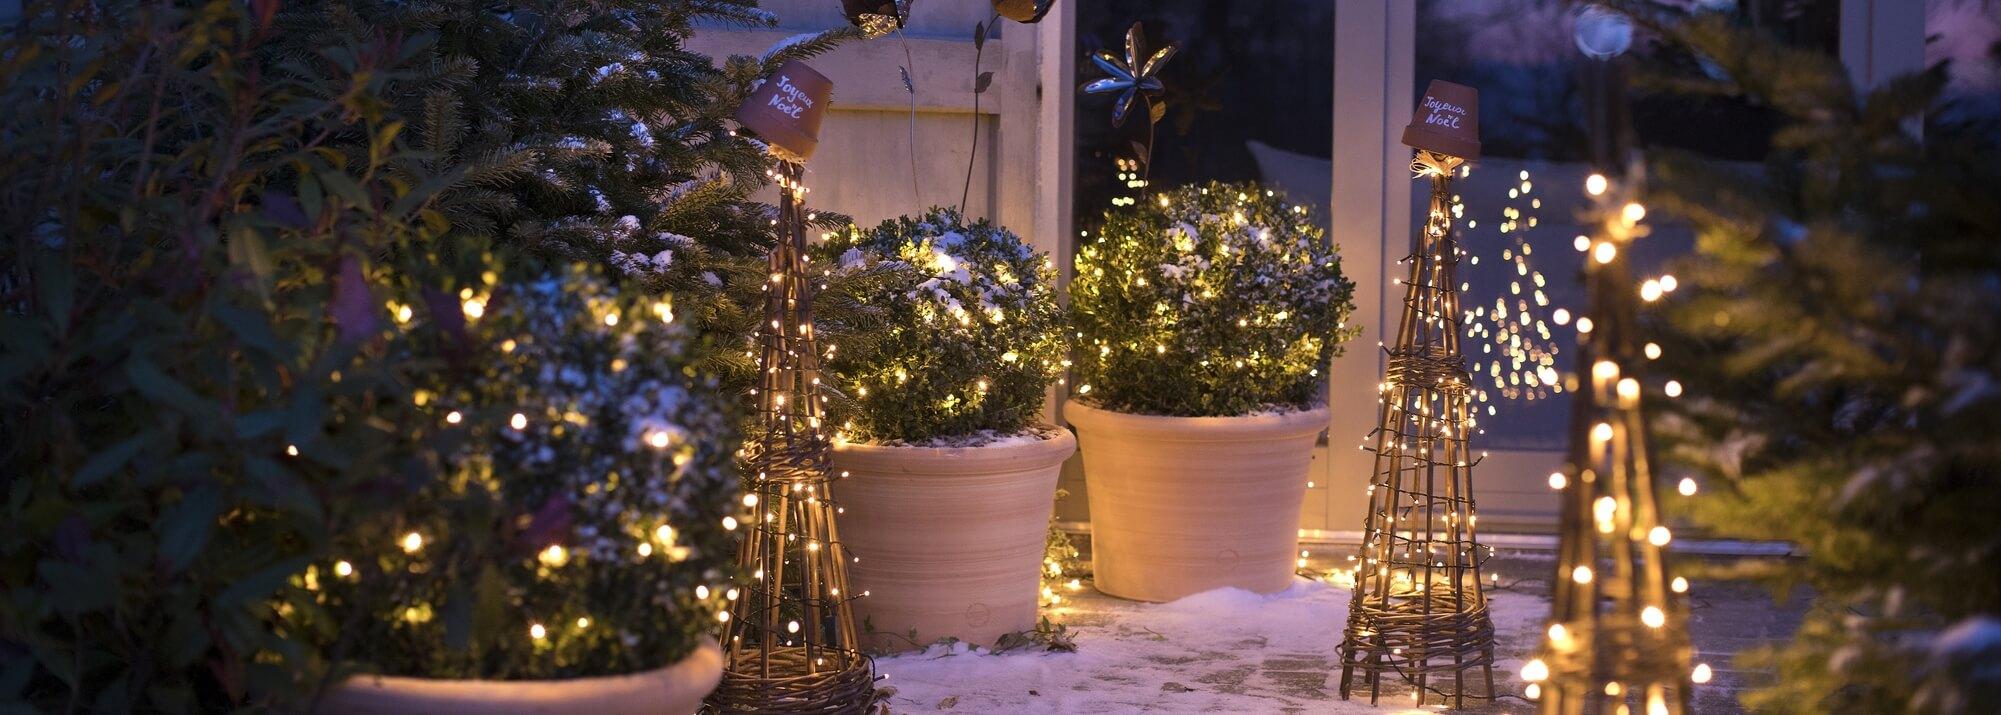 Etoile De Noel Plante Exterieur décorations lumineuses : décorations lumineuses et